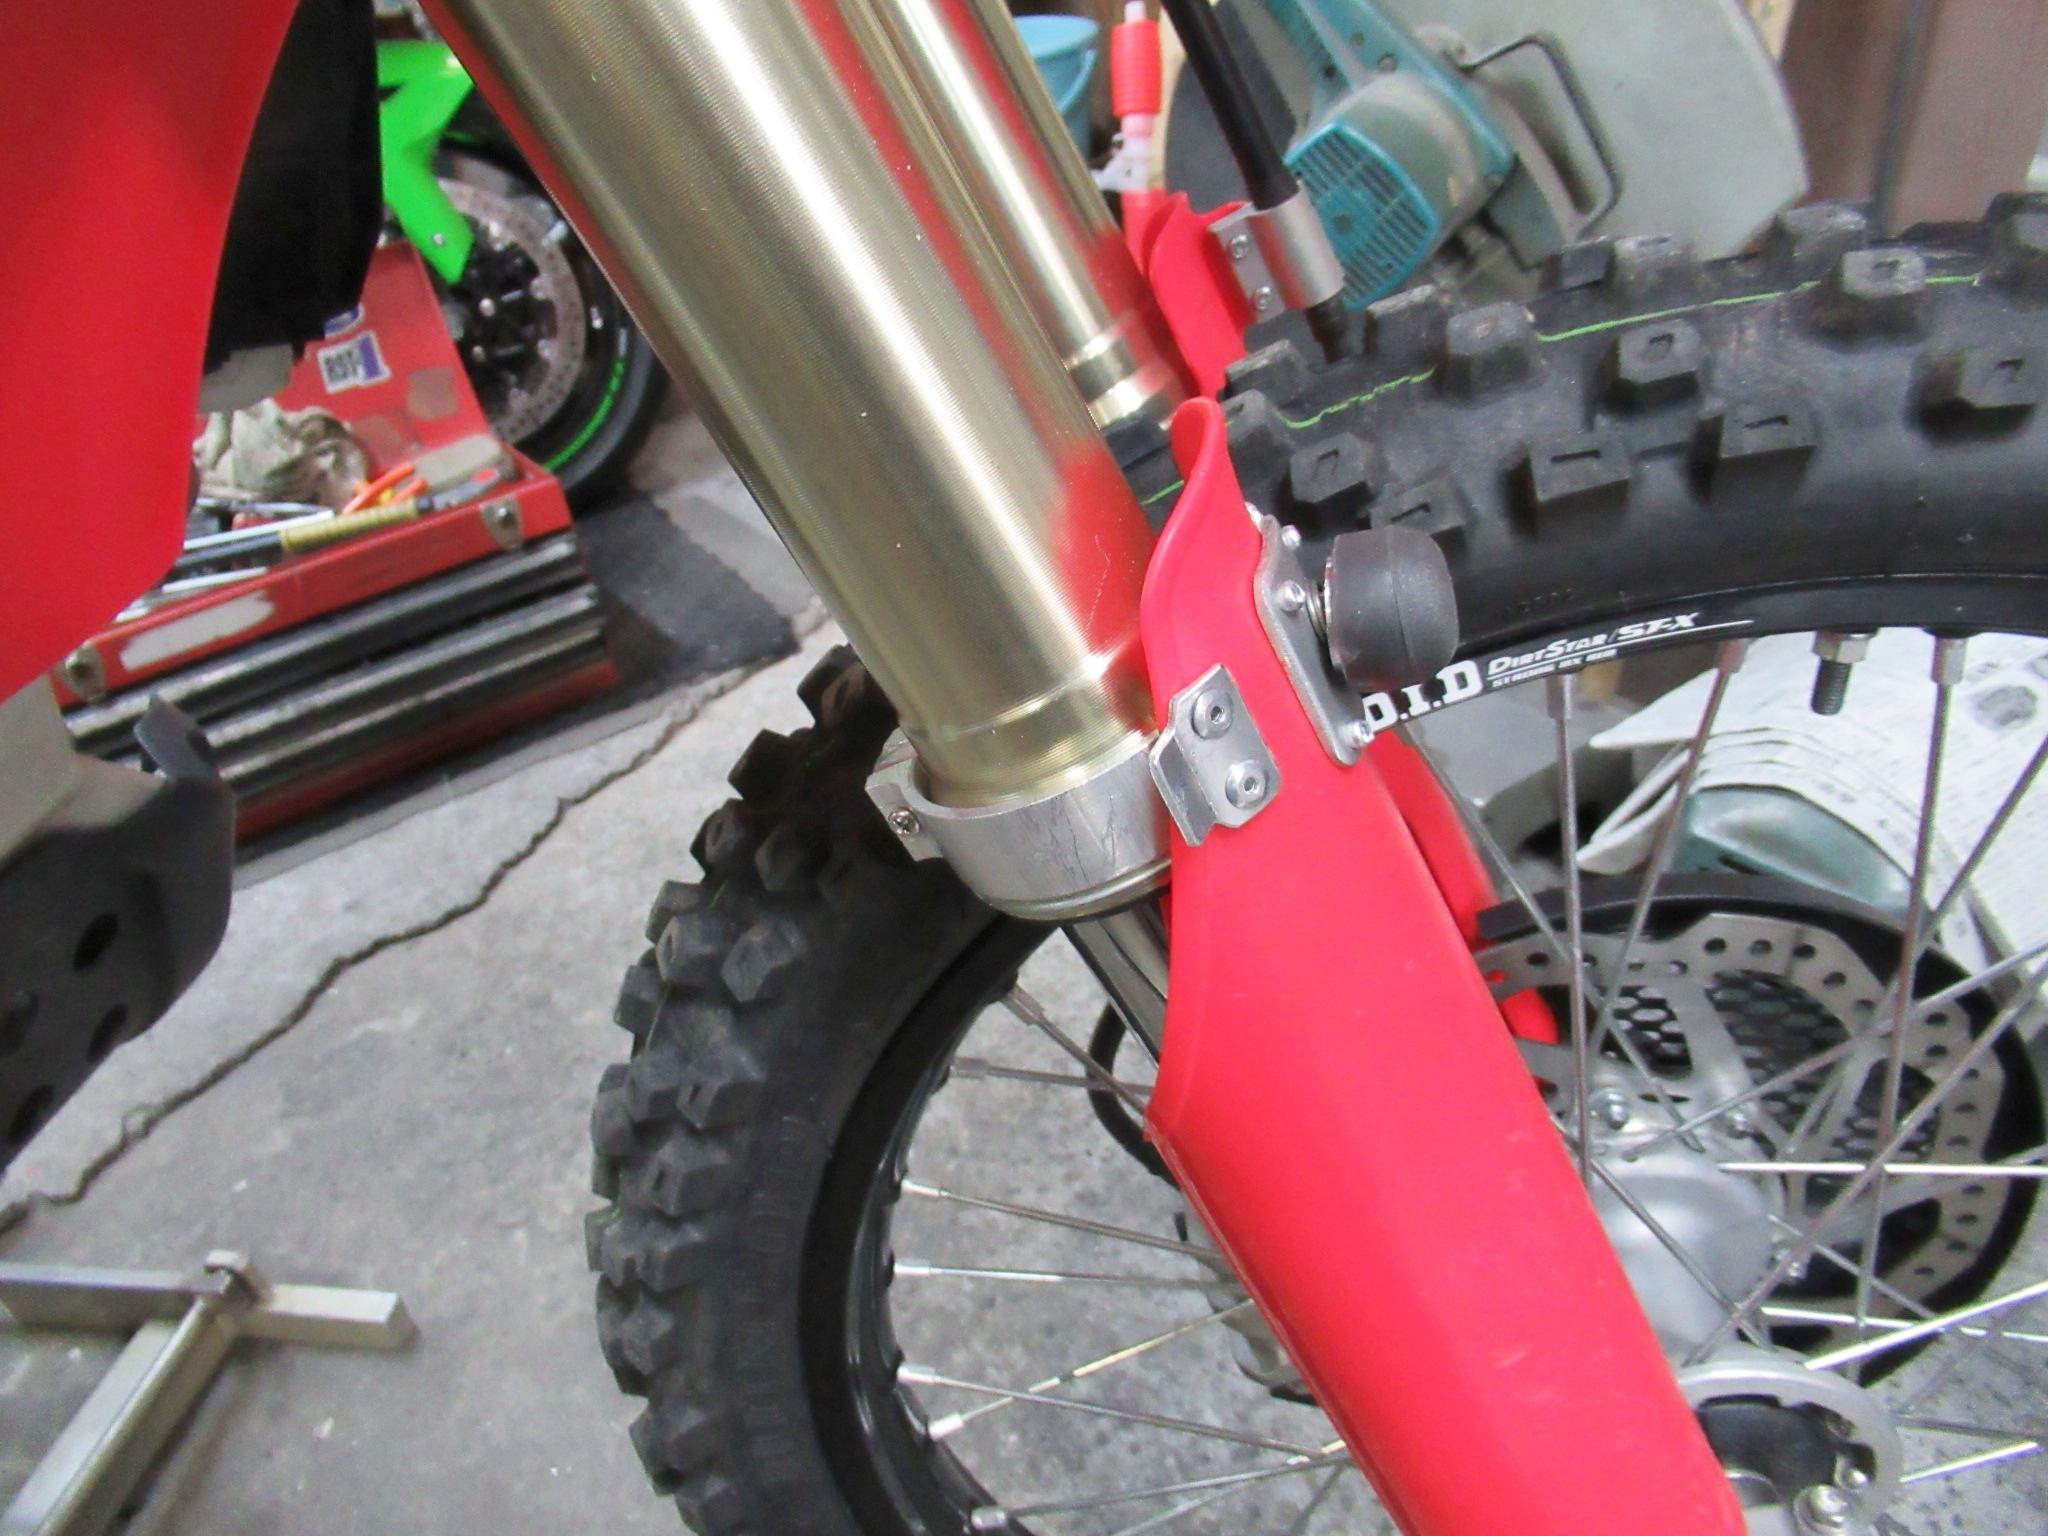 http://www.precious-factory.com/preciousfactory2010/IMG_0062.JPG